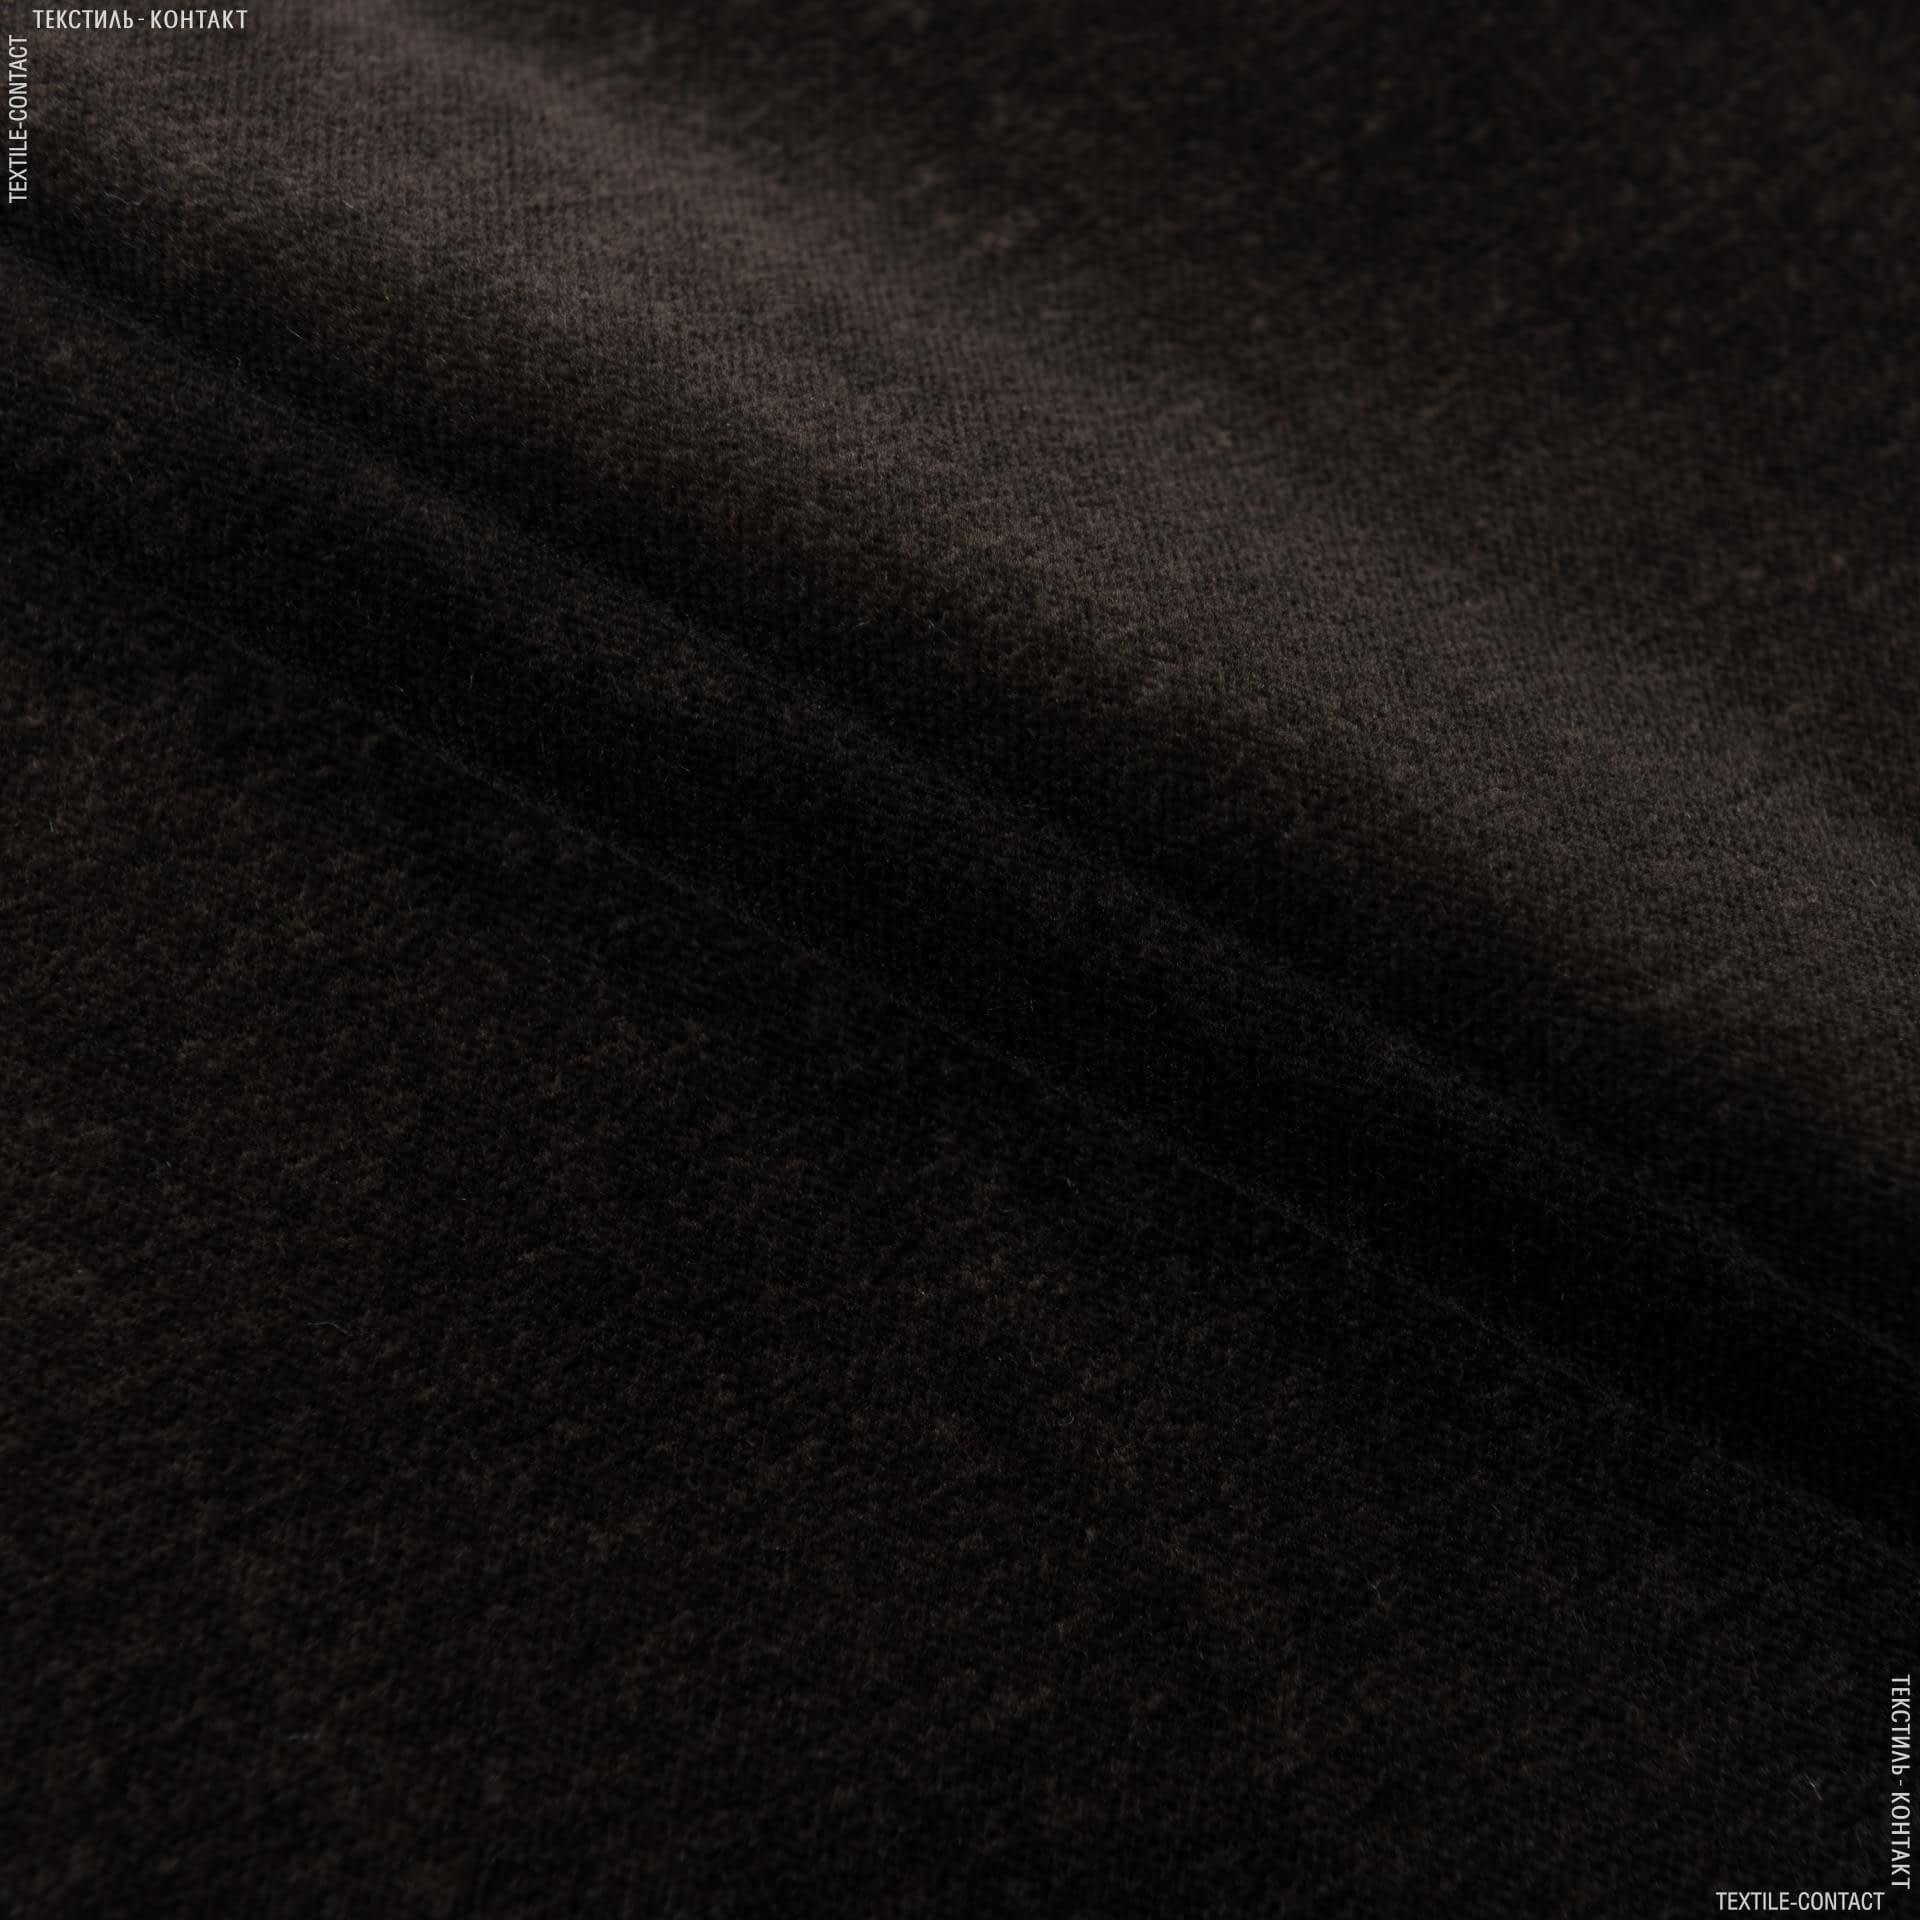 Тканини для меблів - Велюр дербі/derbi т.коричневий сток